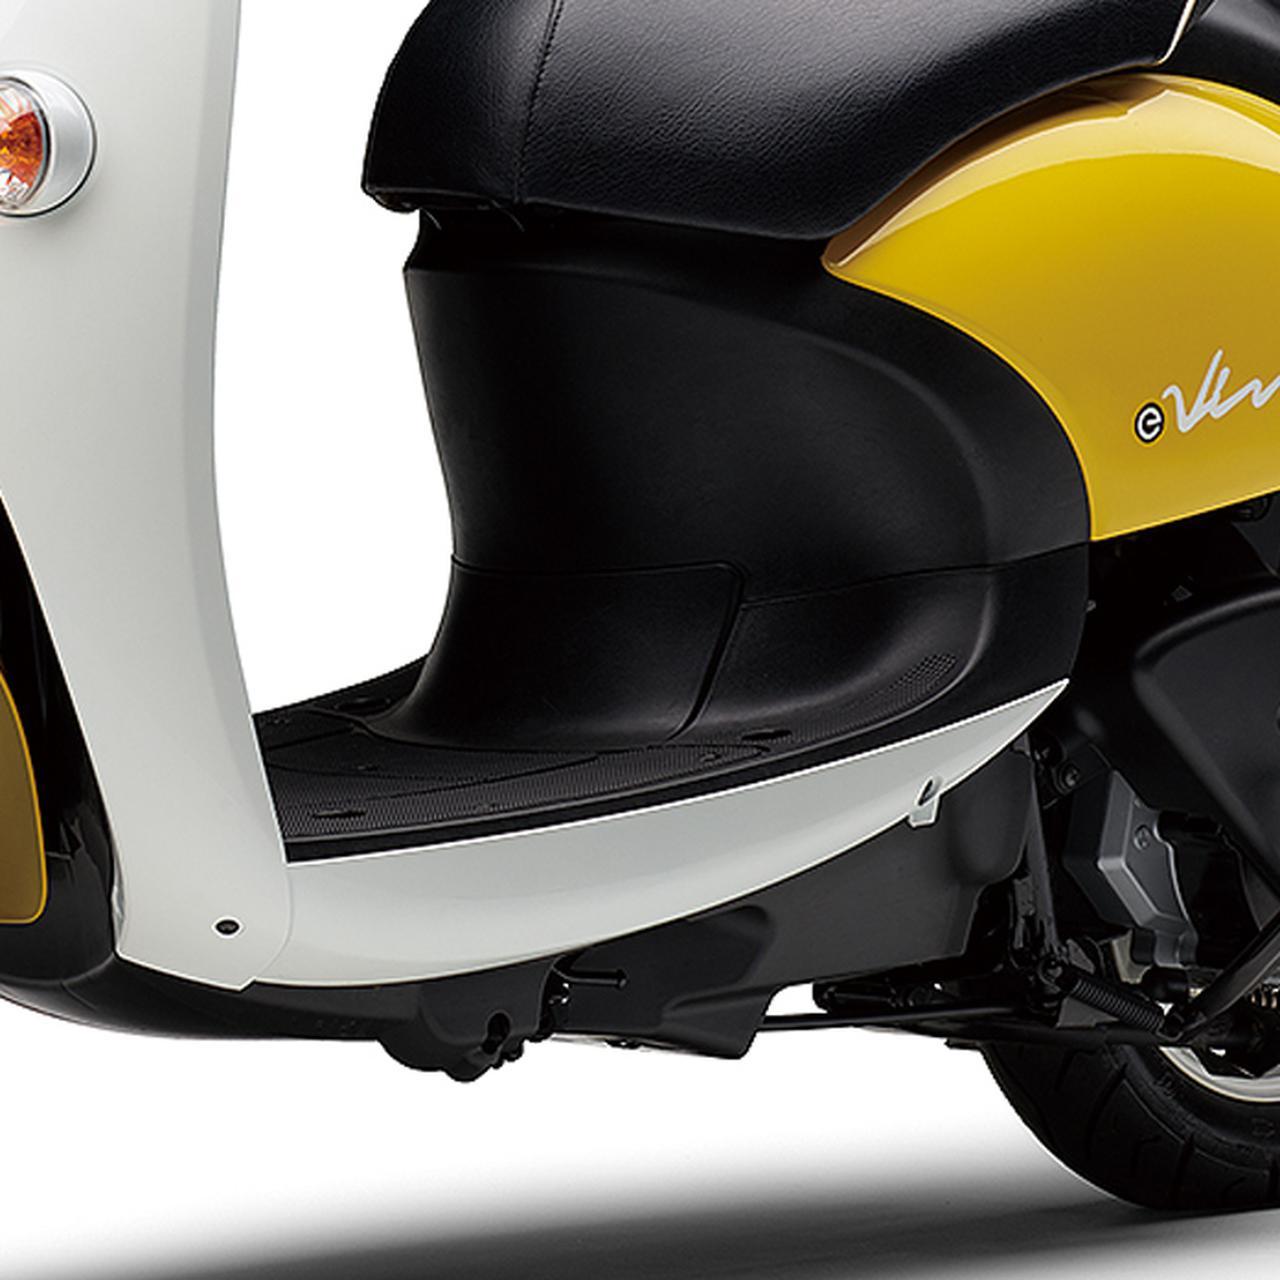 Images : 12番目の画像 - ヤマハ「E-Vino」の写真をもっと見る! - webオートバイ